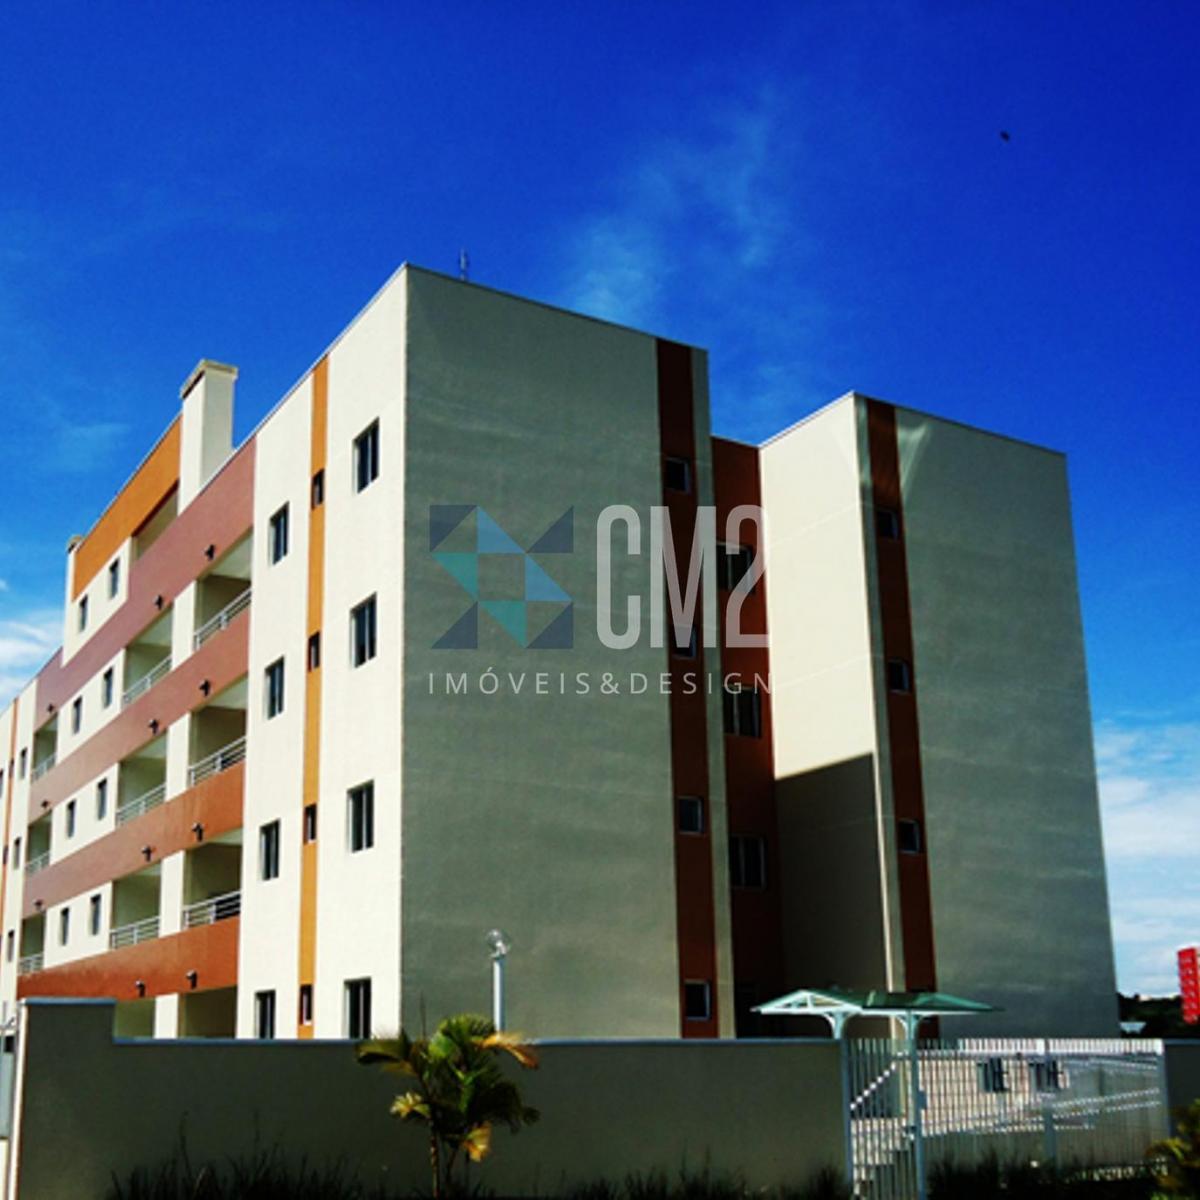 http://www.infocenterhost2.com.br/crm/fotosimovel/228925/06_vicenza_b.jpg